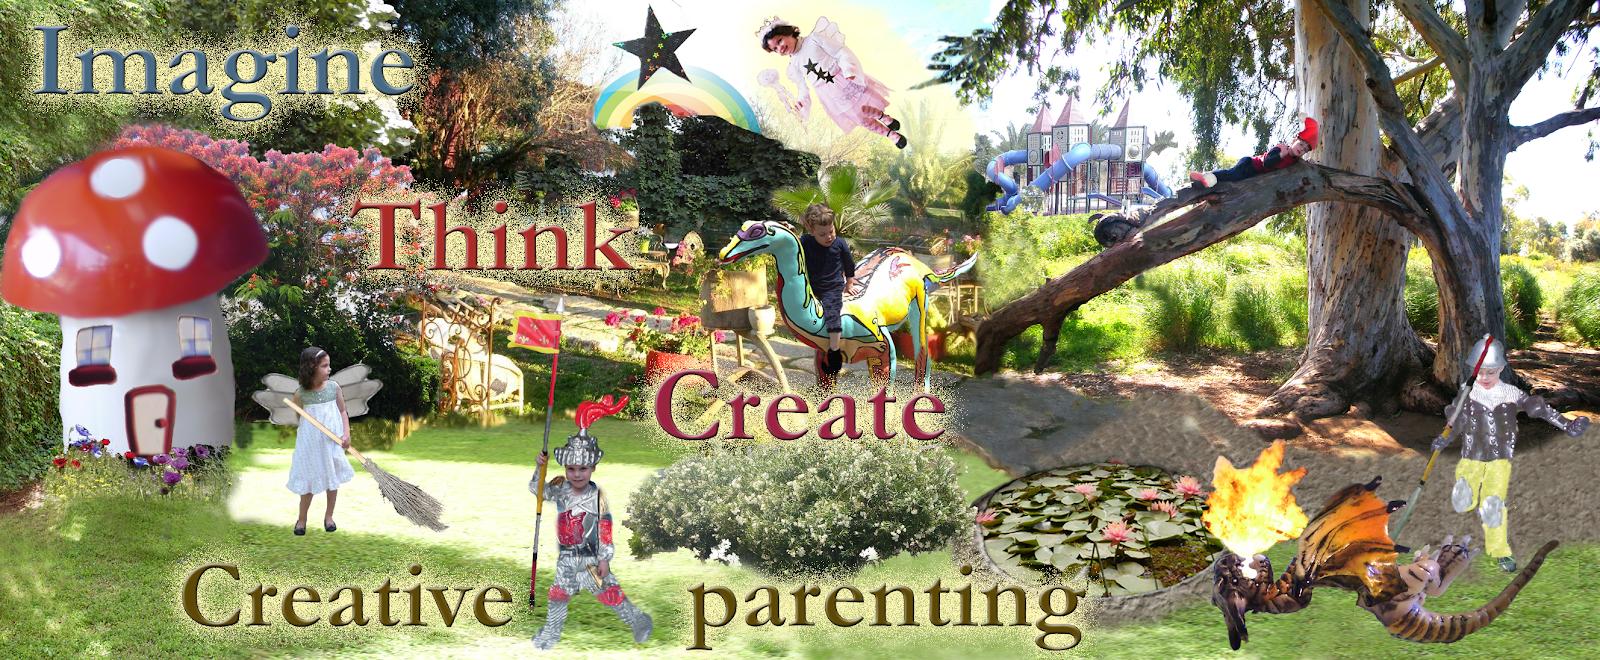 Imagine, Think, Create - Creative Parenting